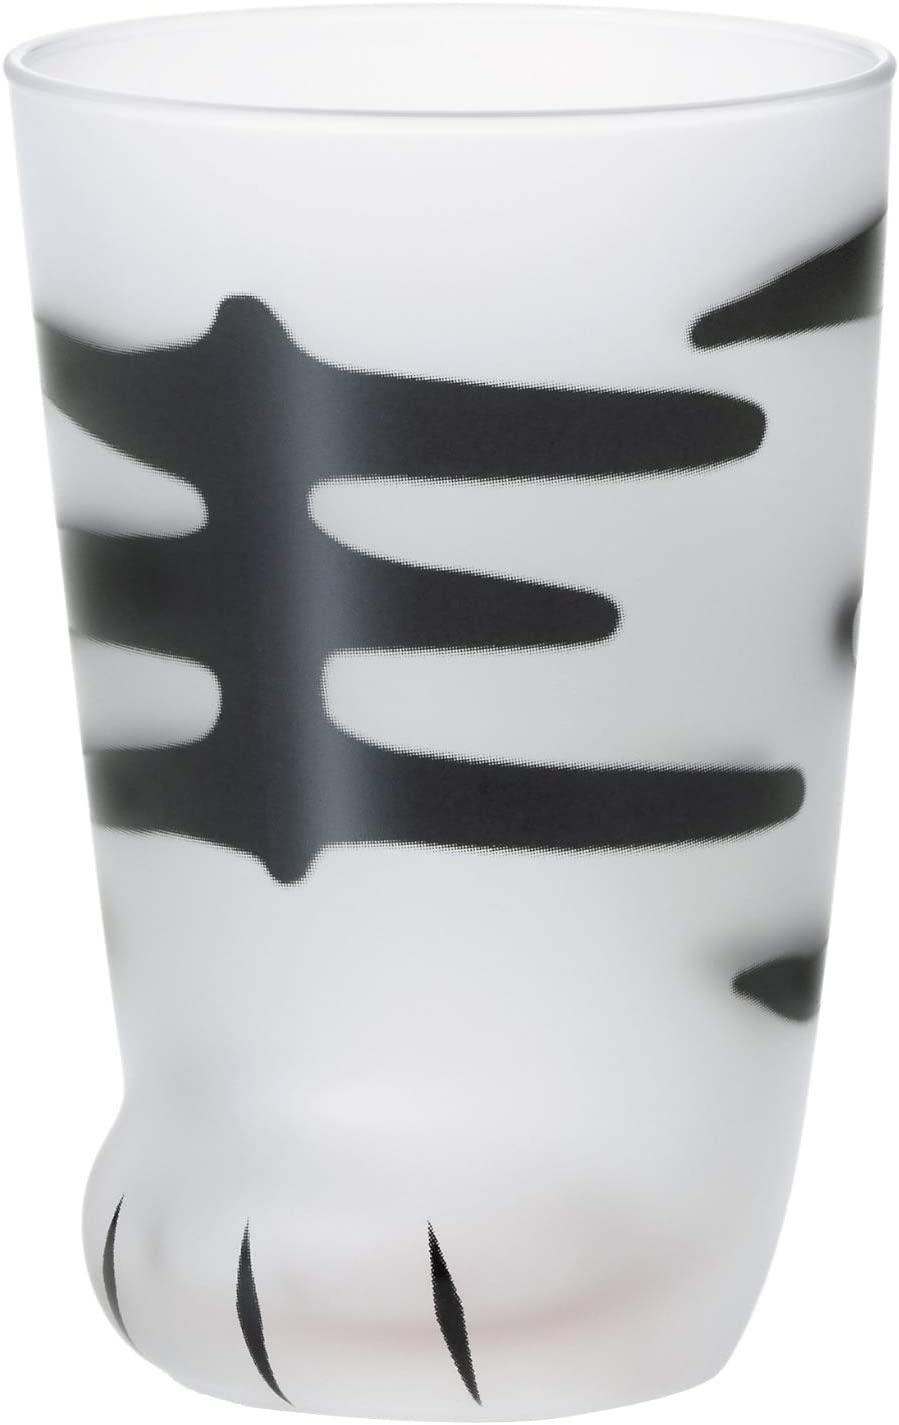 Coconeco Adelia Tumbler Clear Approx. 11.8 fl oz (300 ml) Cat Glass Parent Tiger 6047